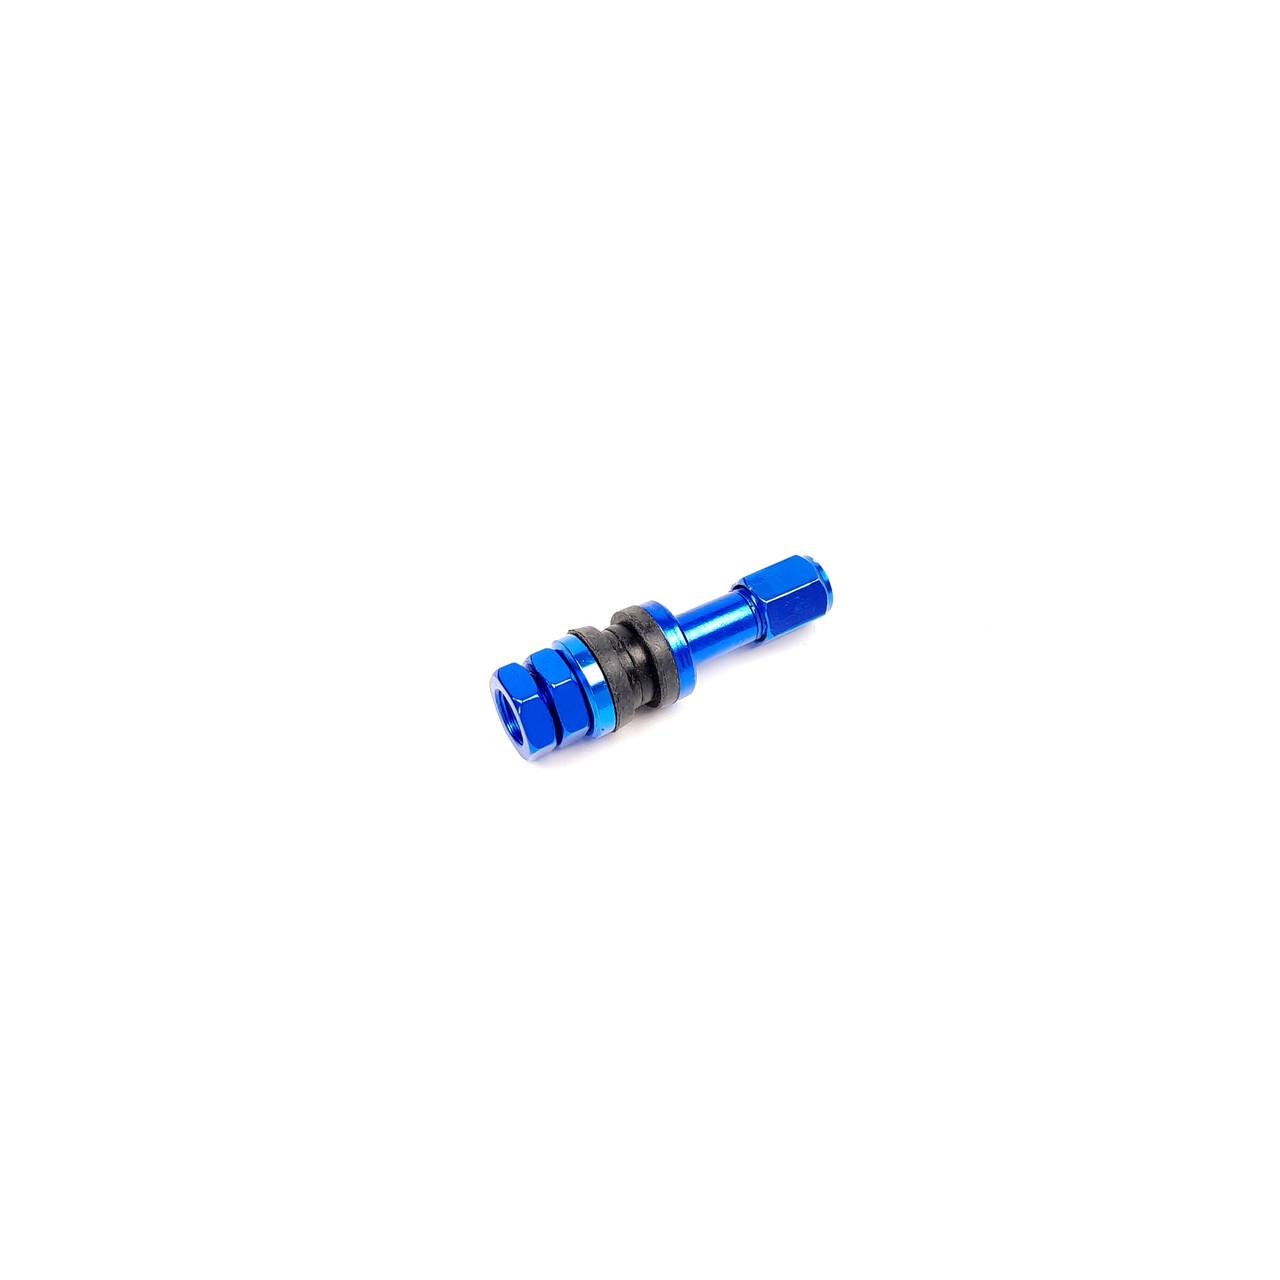 Ниппель-вентиль колеса стайлинговый прямой, синий